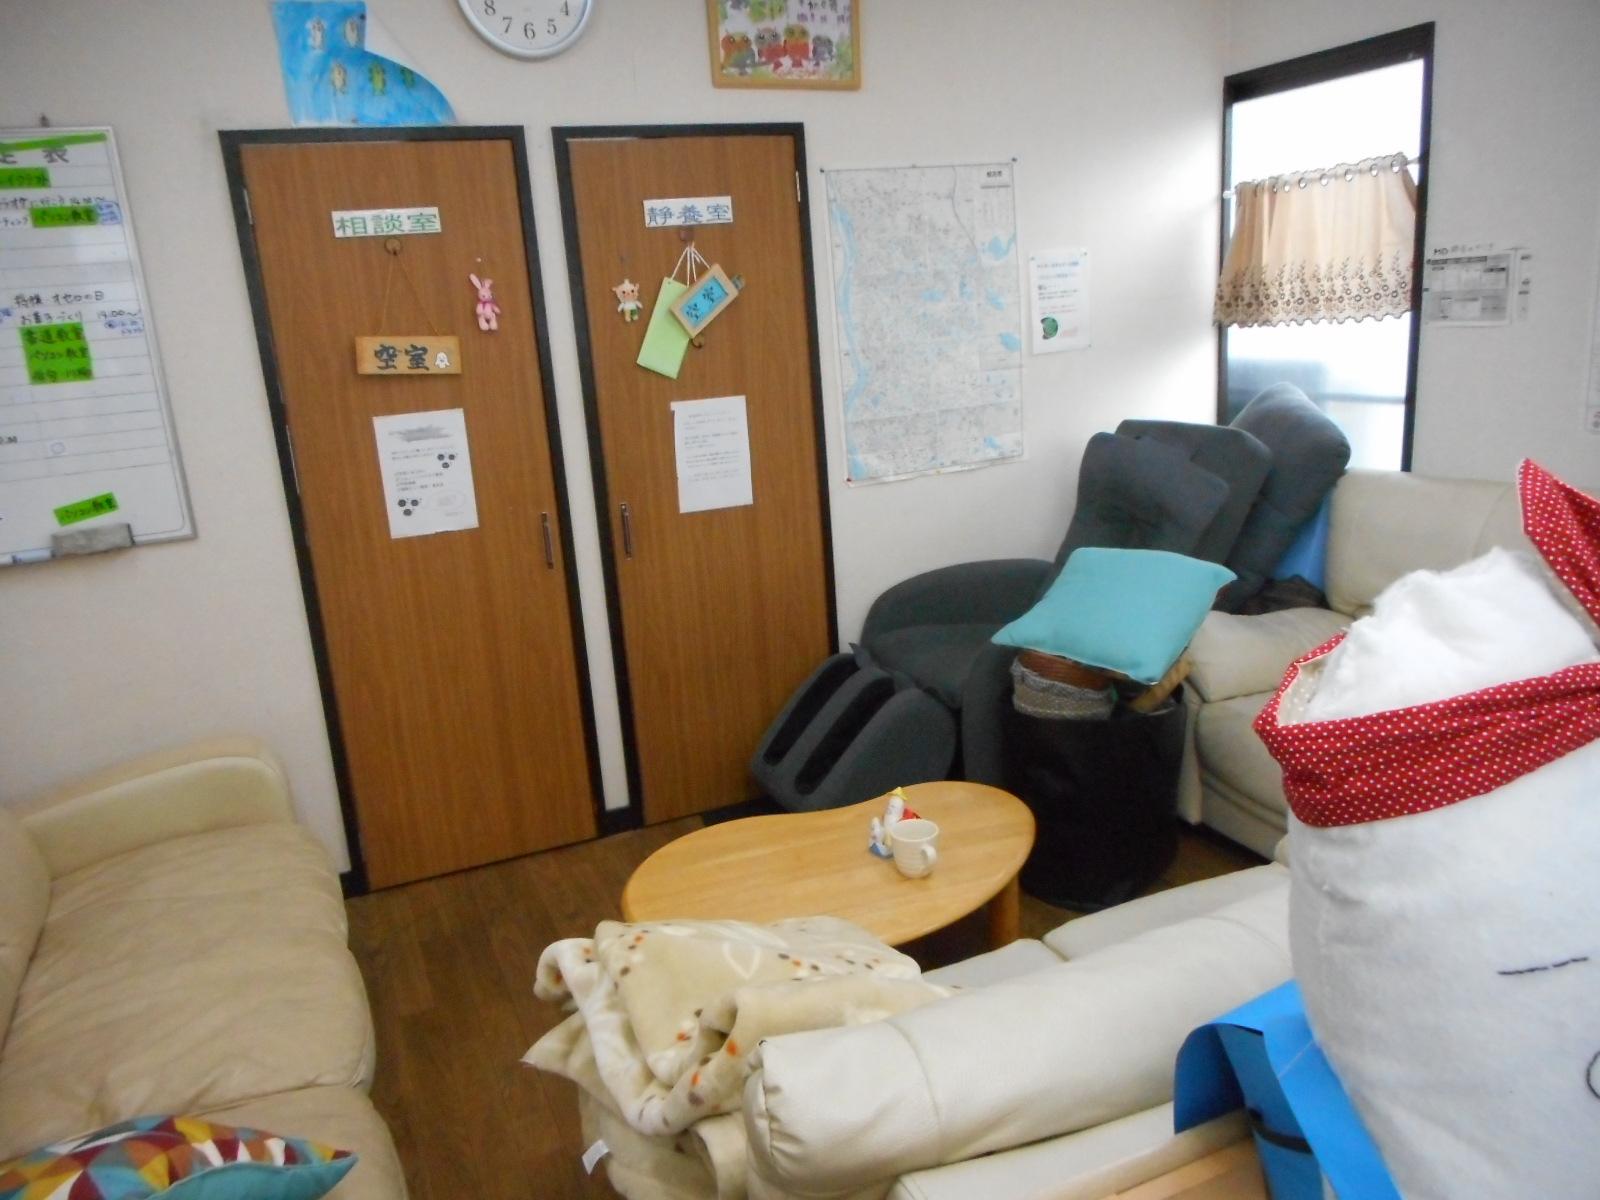 静養室前のソファー